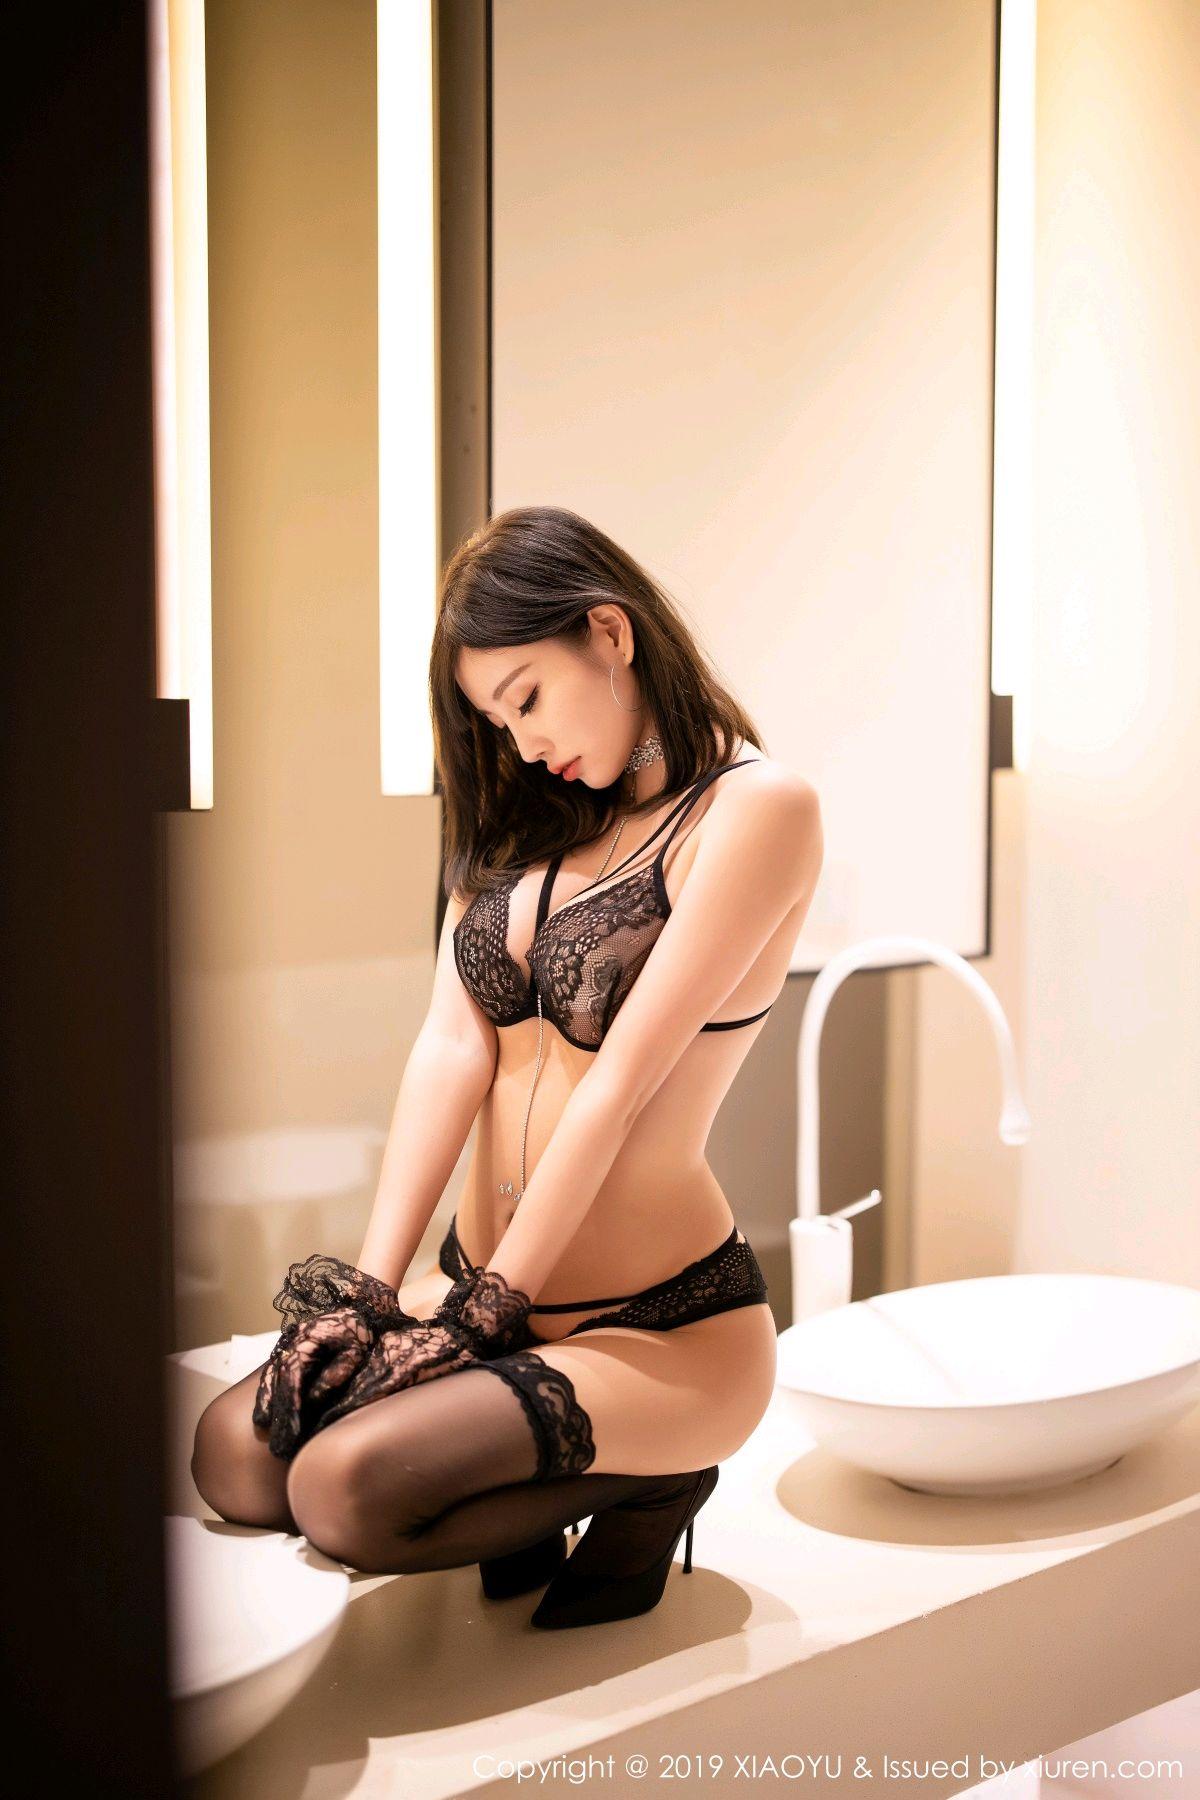 [XiaoYu] Vol.189 Yang Chen Chen 54P, Black Silk, Underwear, XiaoYu, Yang Chen Chen